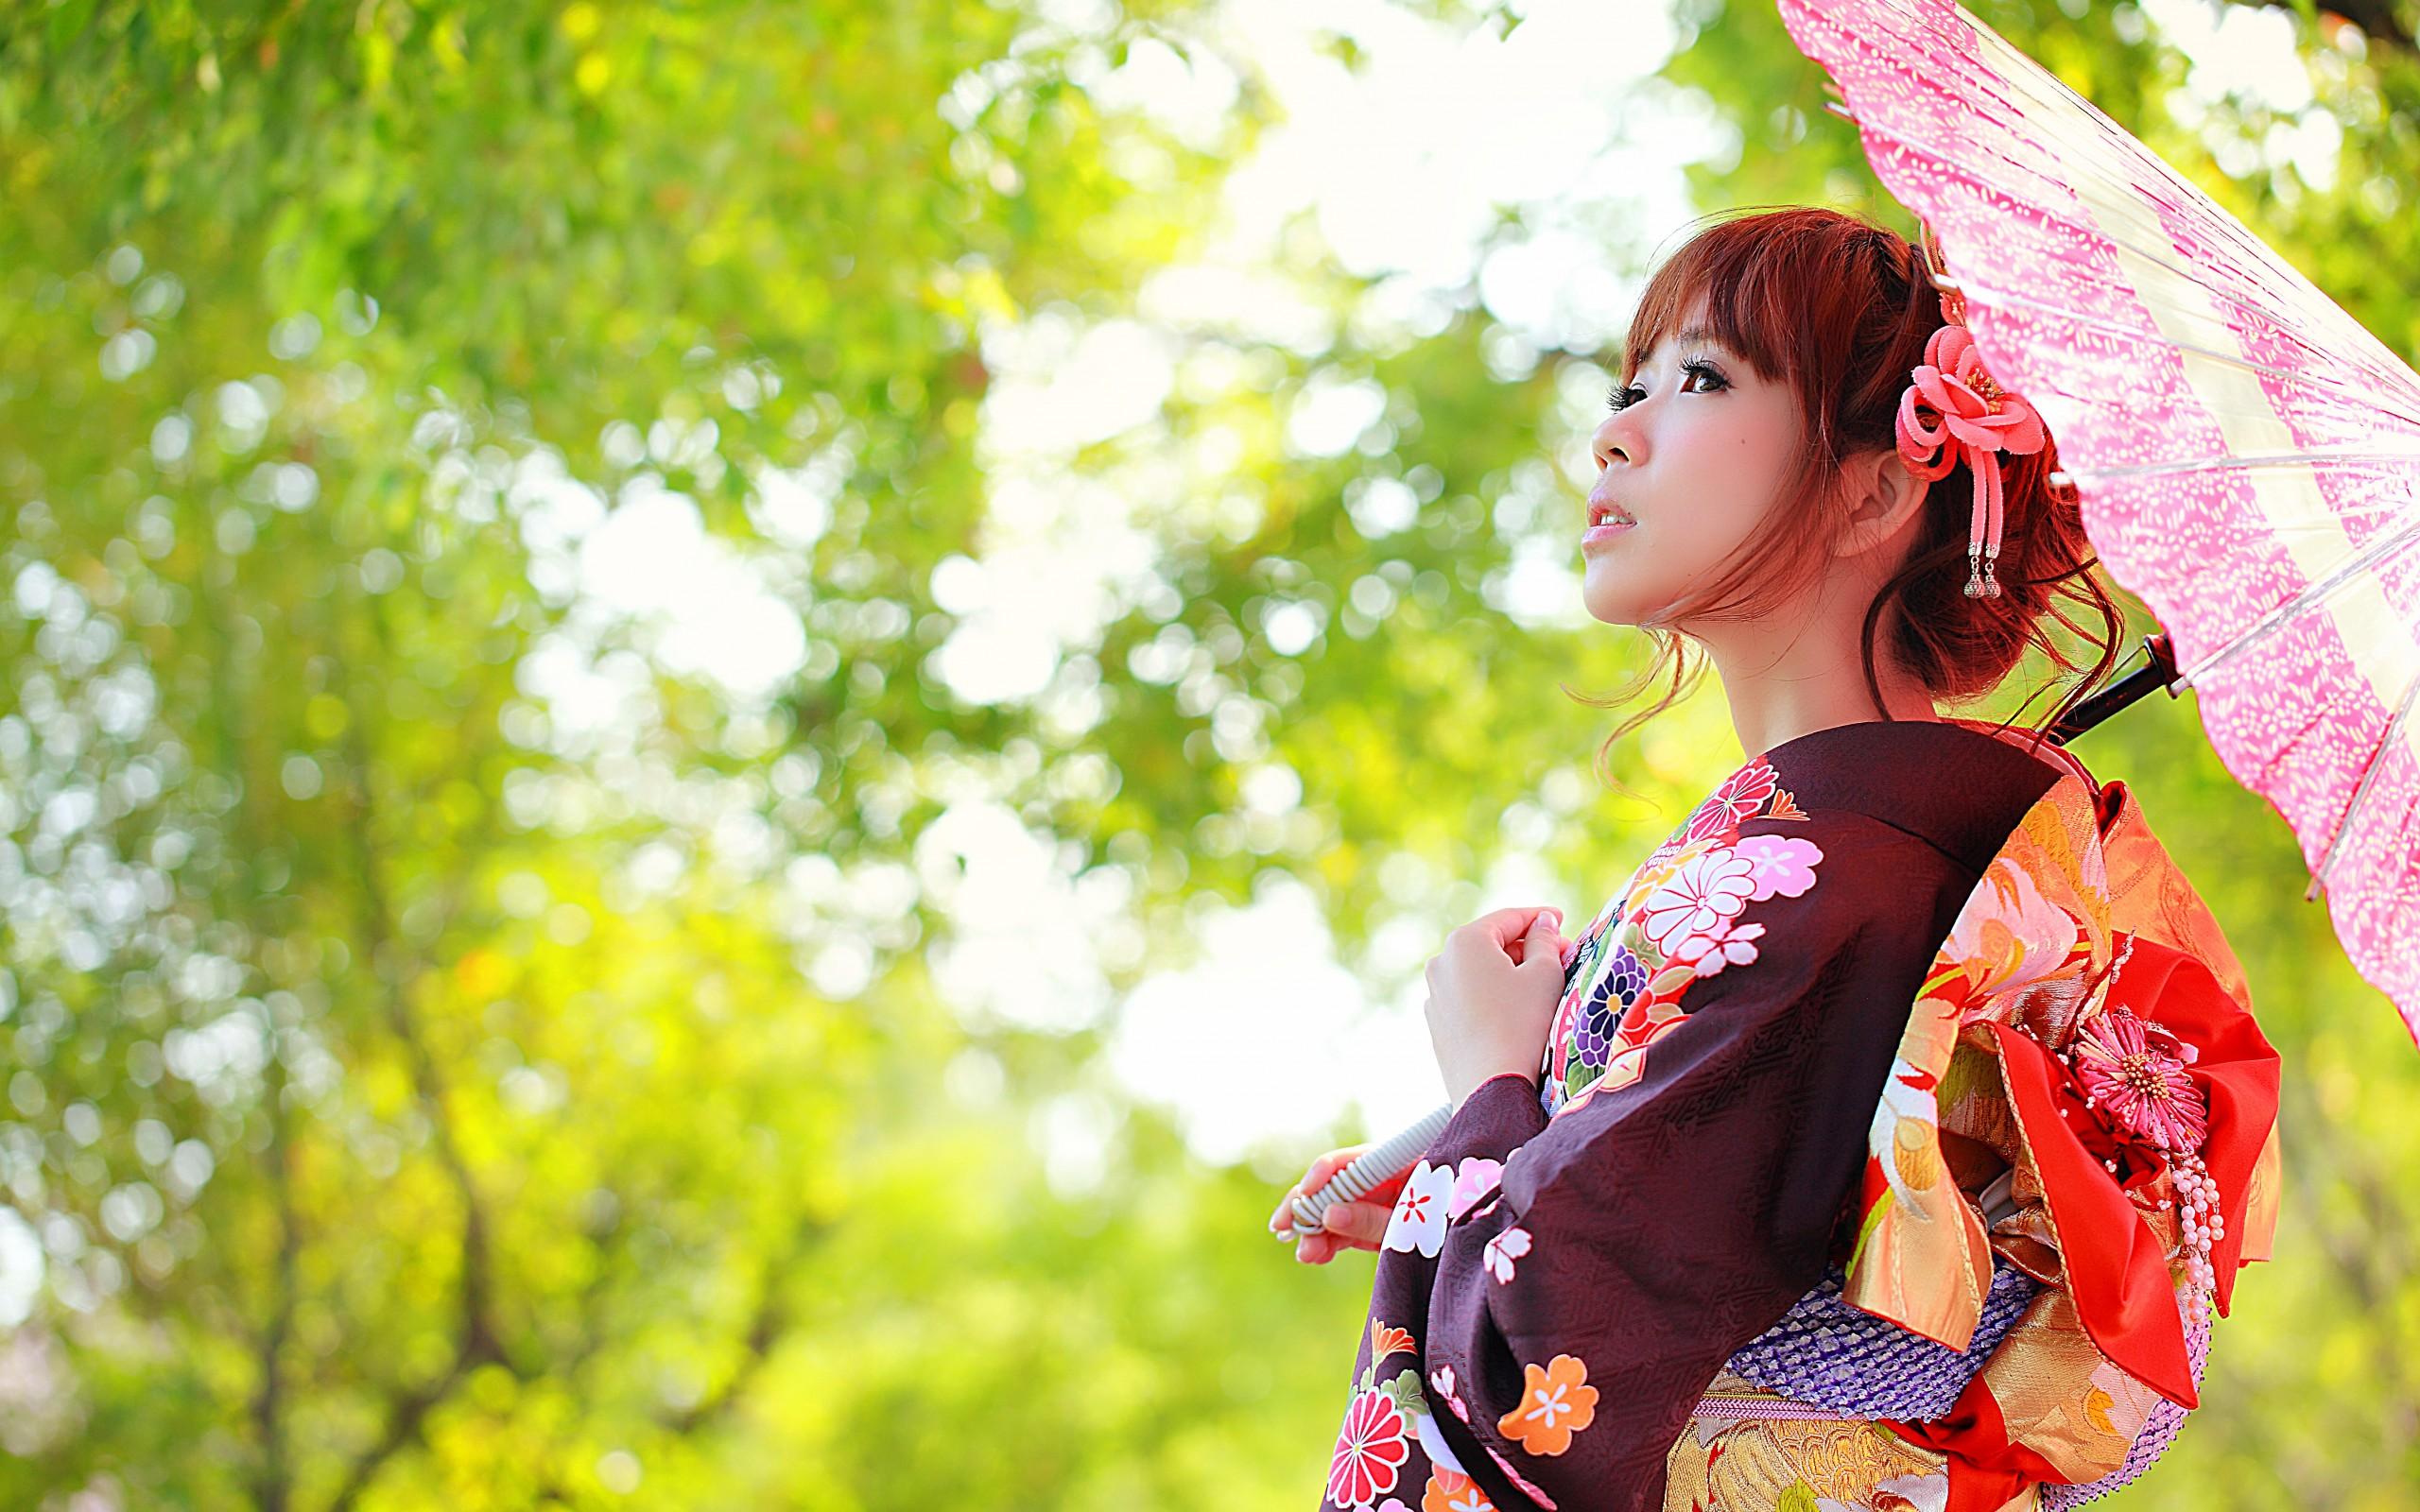 красивые японки с зонтами картинки известная блондинка всех